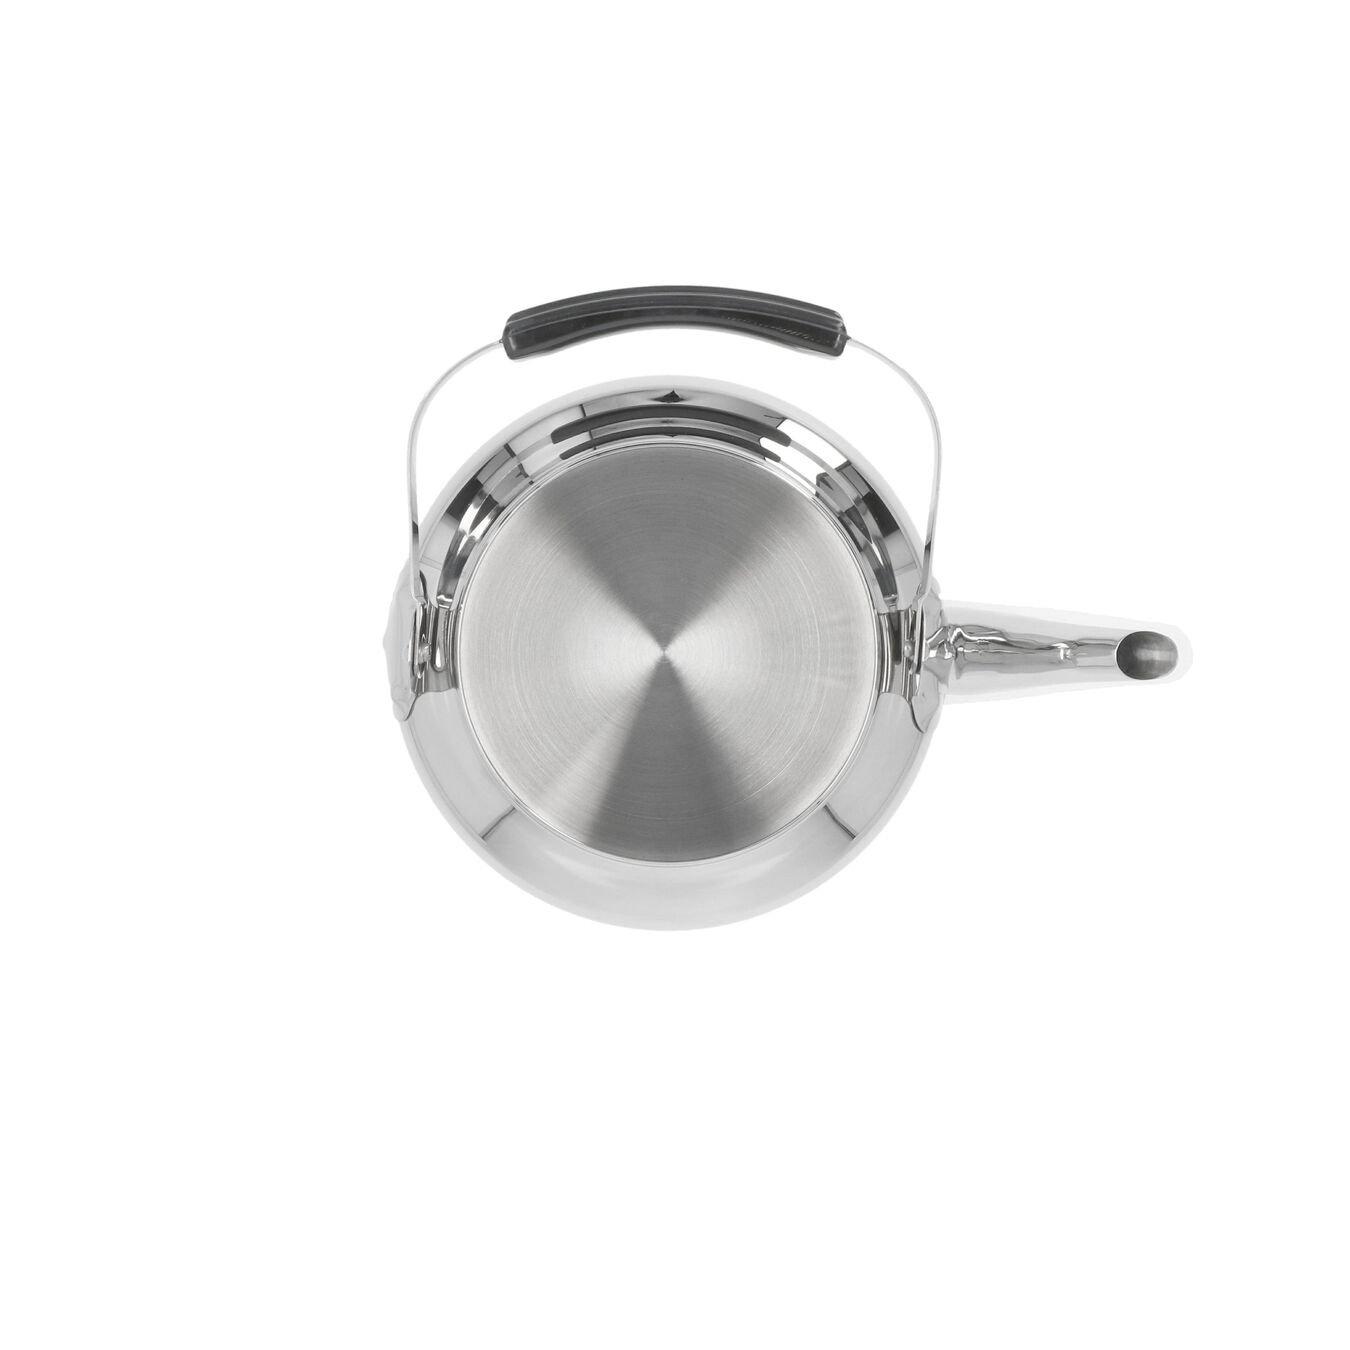 Bouilloire 15 cm, Inox 18/10, Argent,,large 6